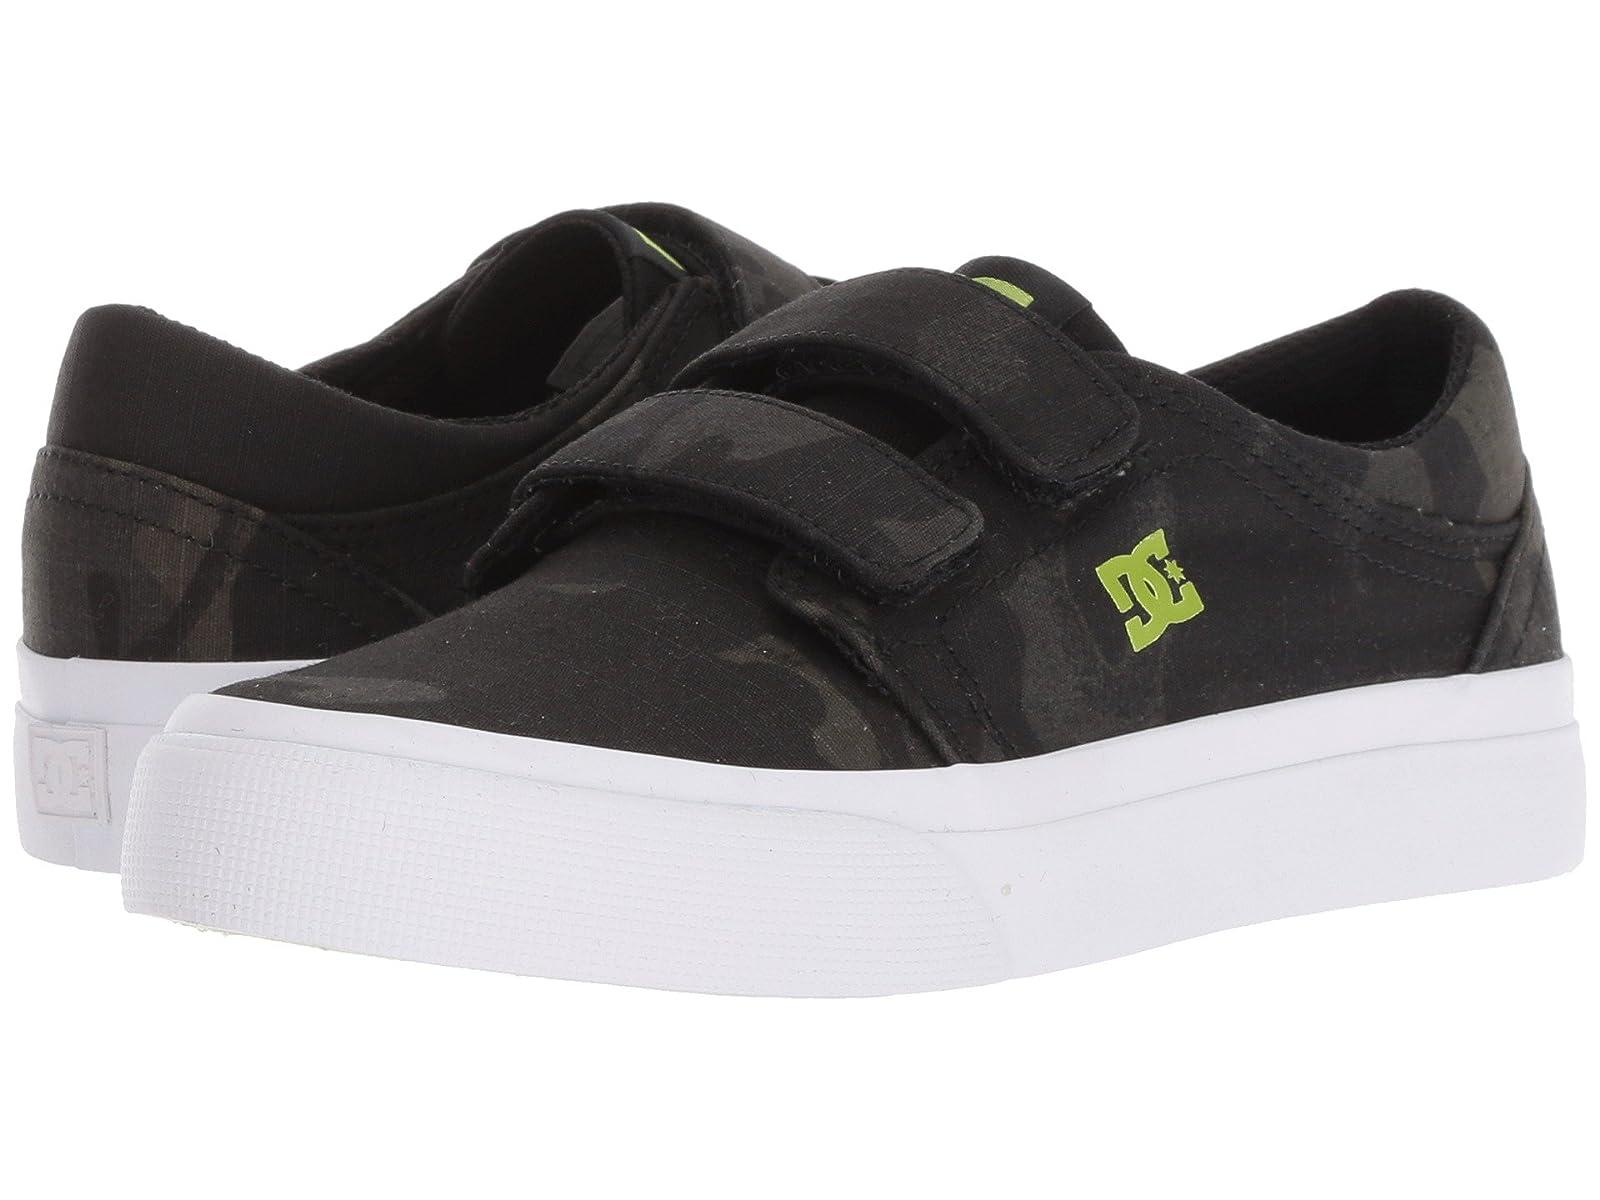 DC Kids Trase V TX SE (Little Kid/Big Kid)Atmospheric grades have affordable shoes